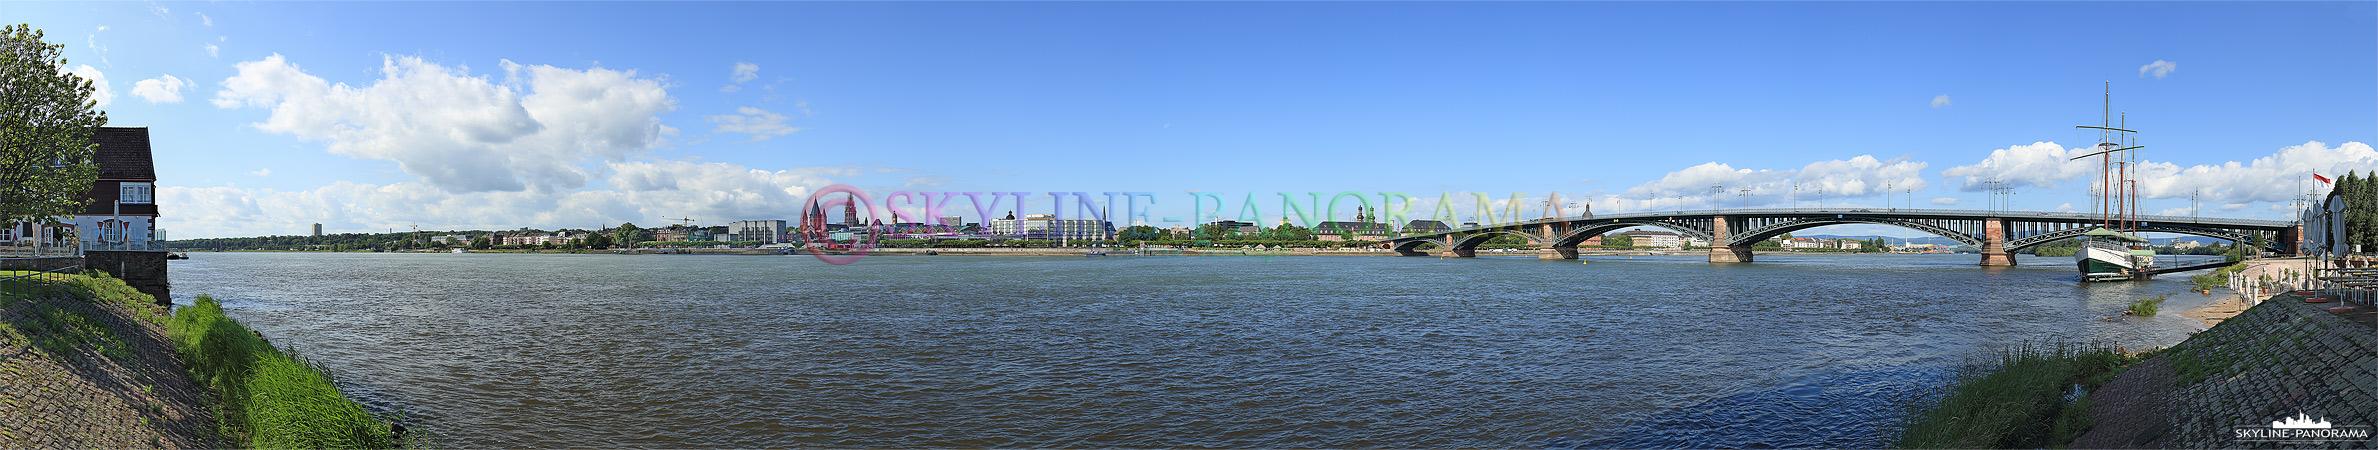 Mainz Panorama - Die Skyline von Mainz entstanden am Rheinufer in Mainz Kastel.